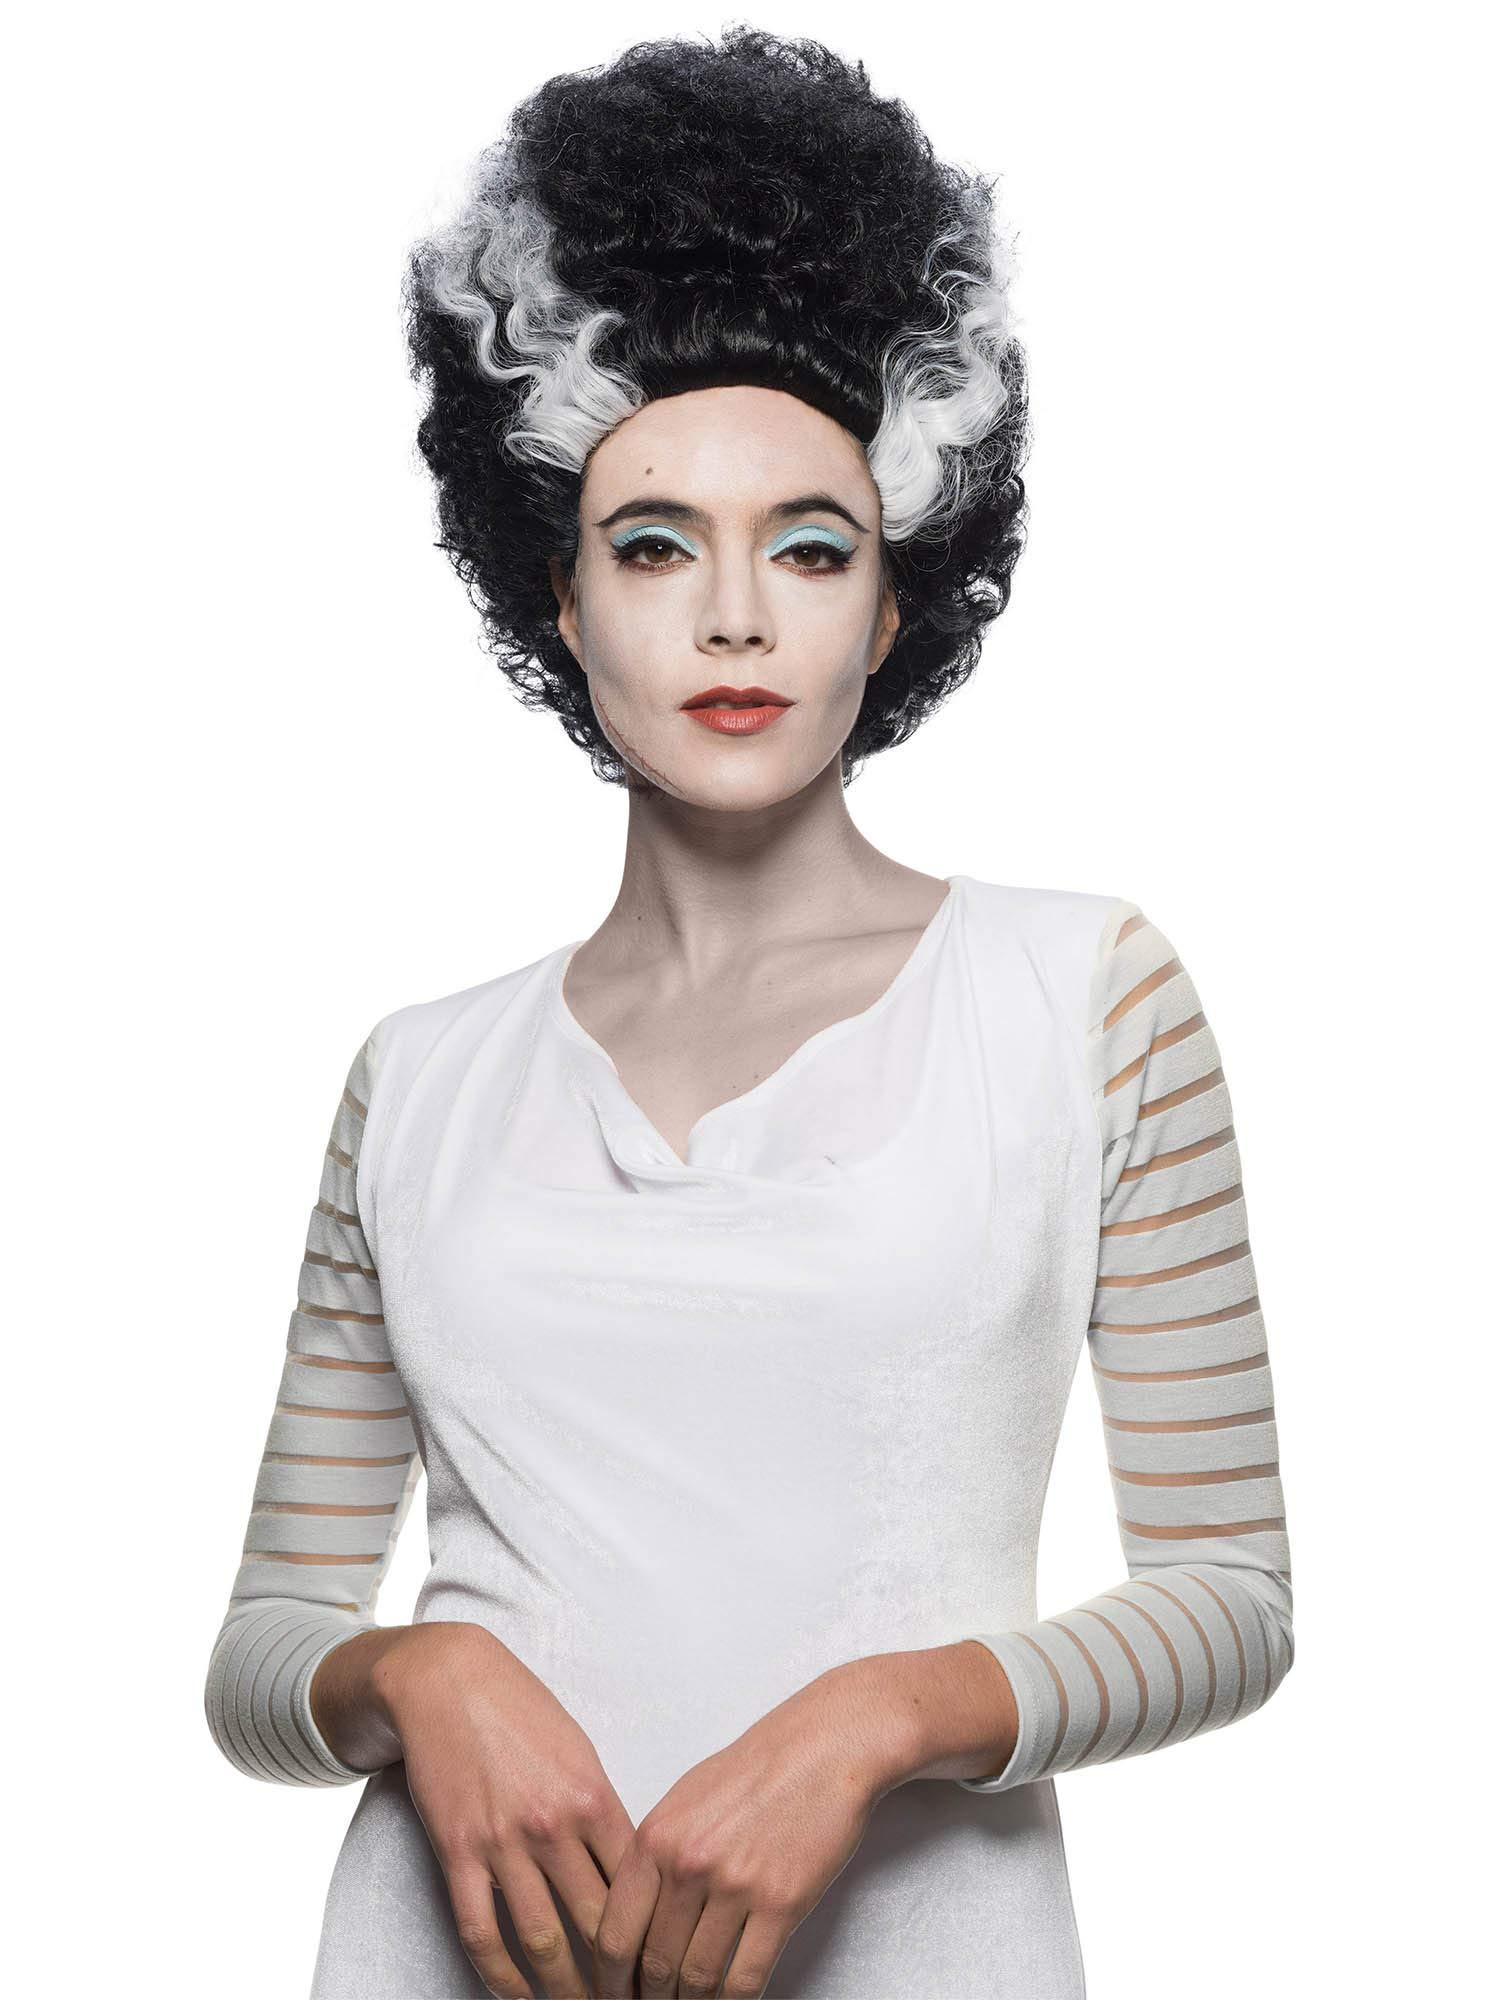 Rubie's Universal Monsters Bride Of Frankenstein Wig Costume